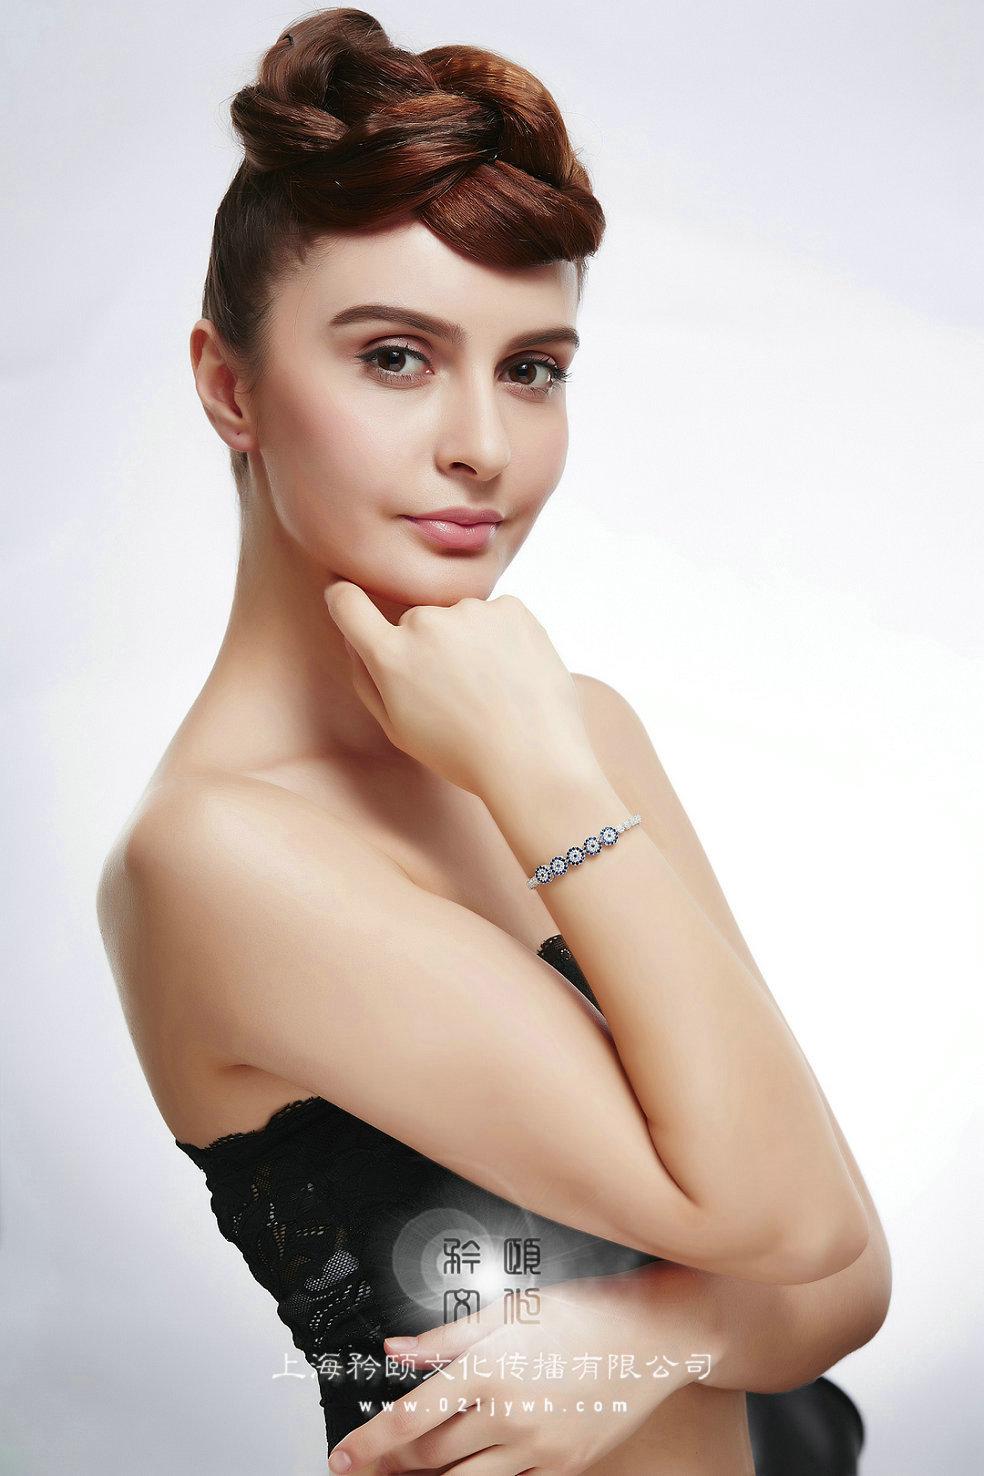 外国珠宝拍摄模特